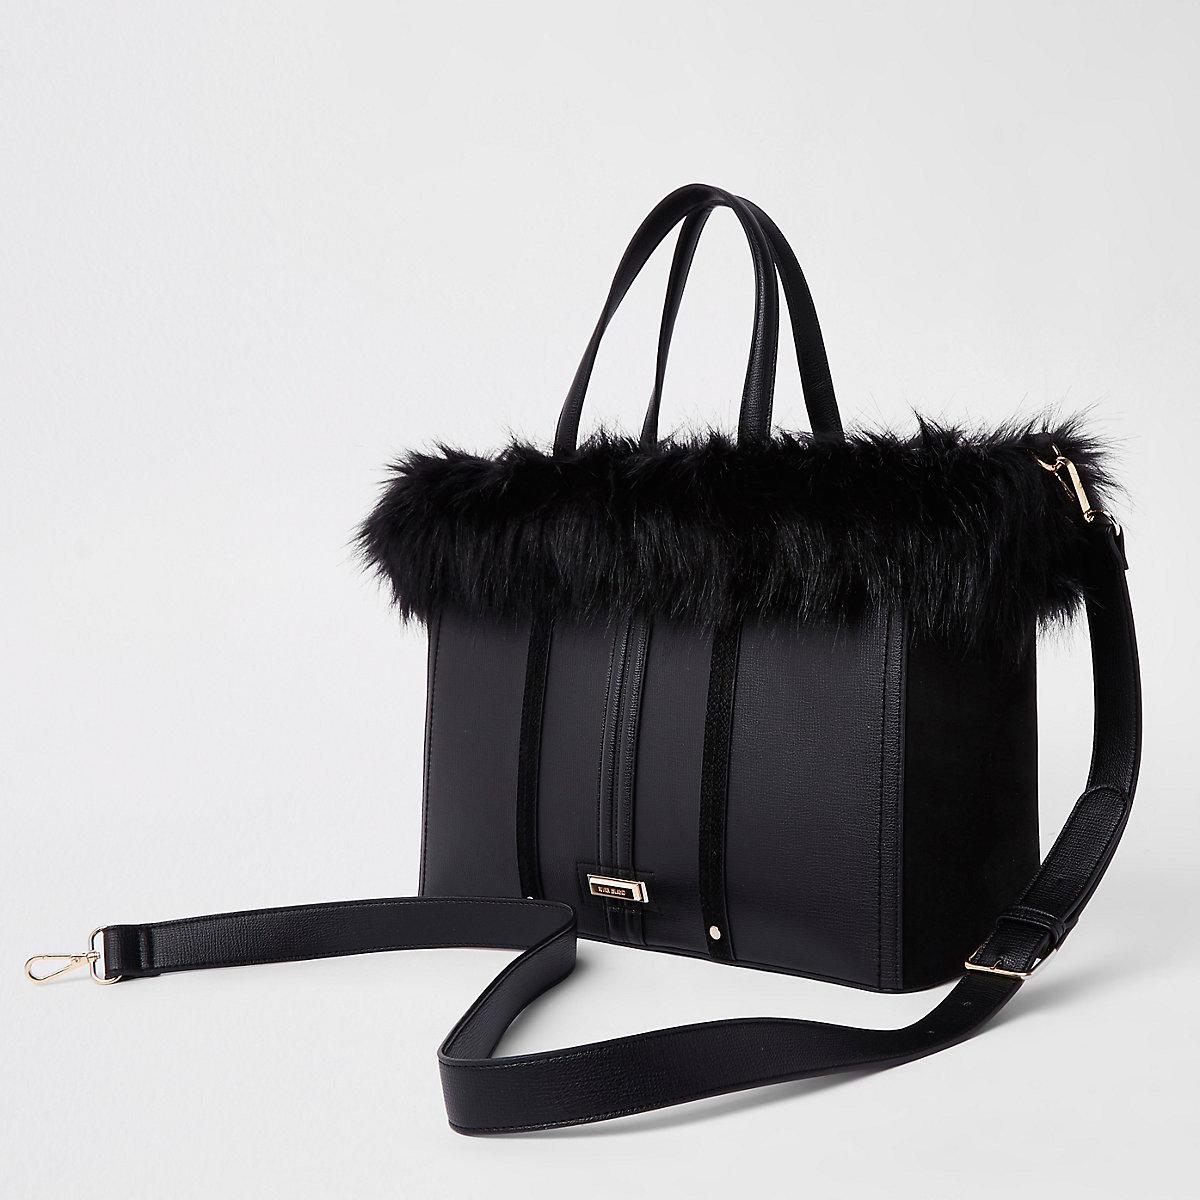 Black faux fur trim winged tote bag